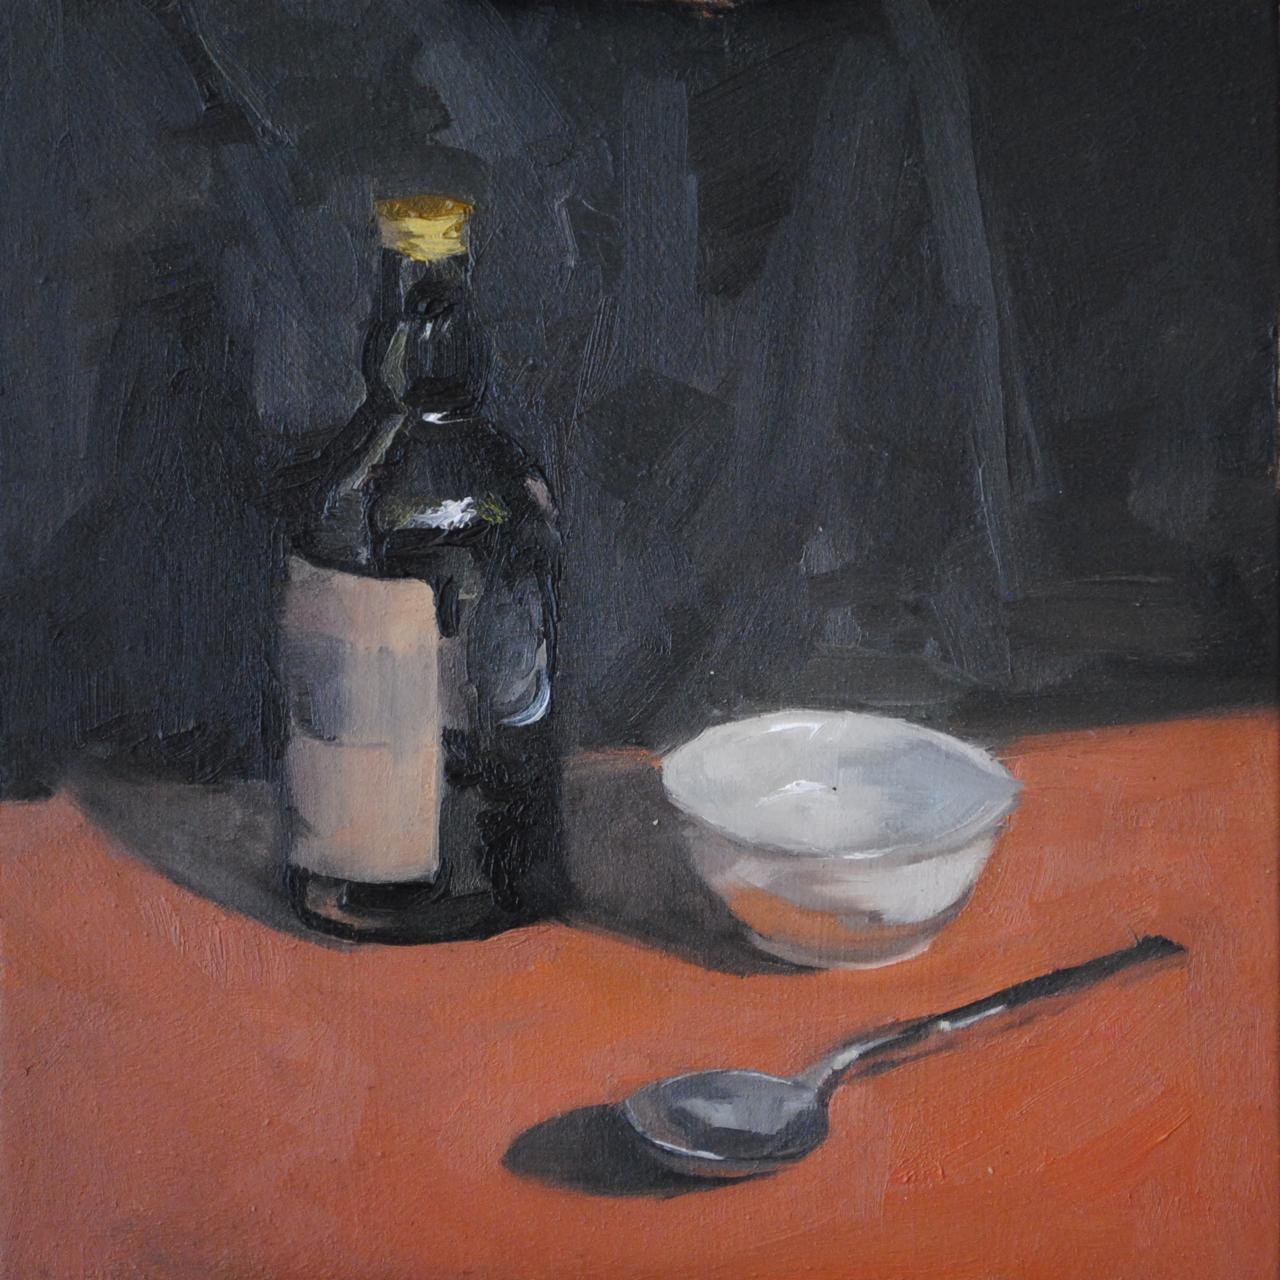 Spoon & Bottle